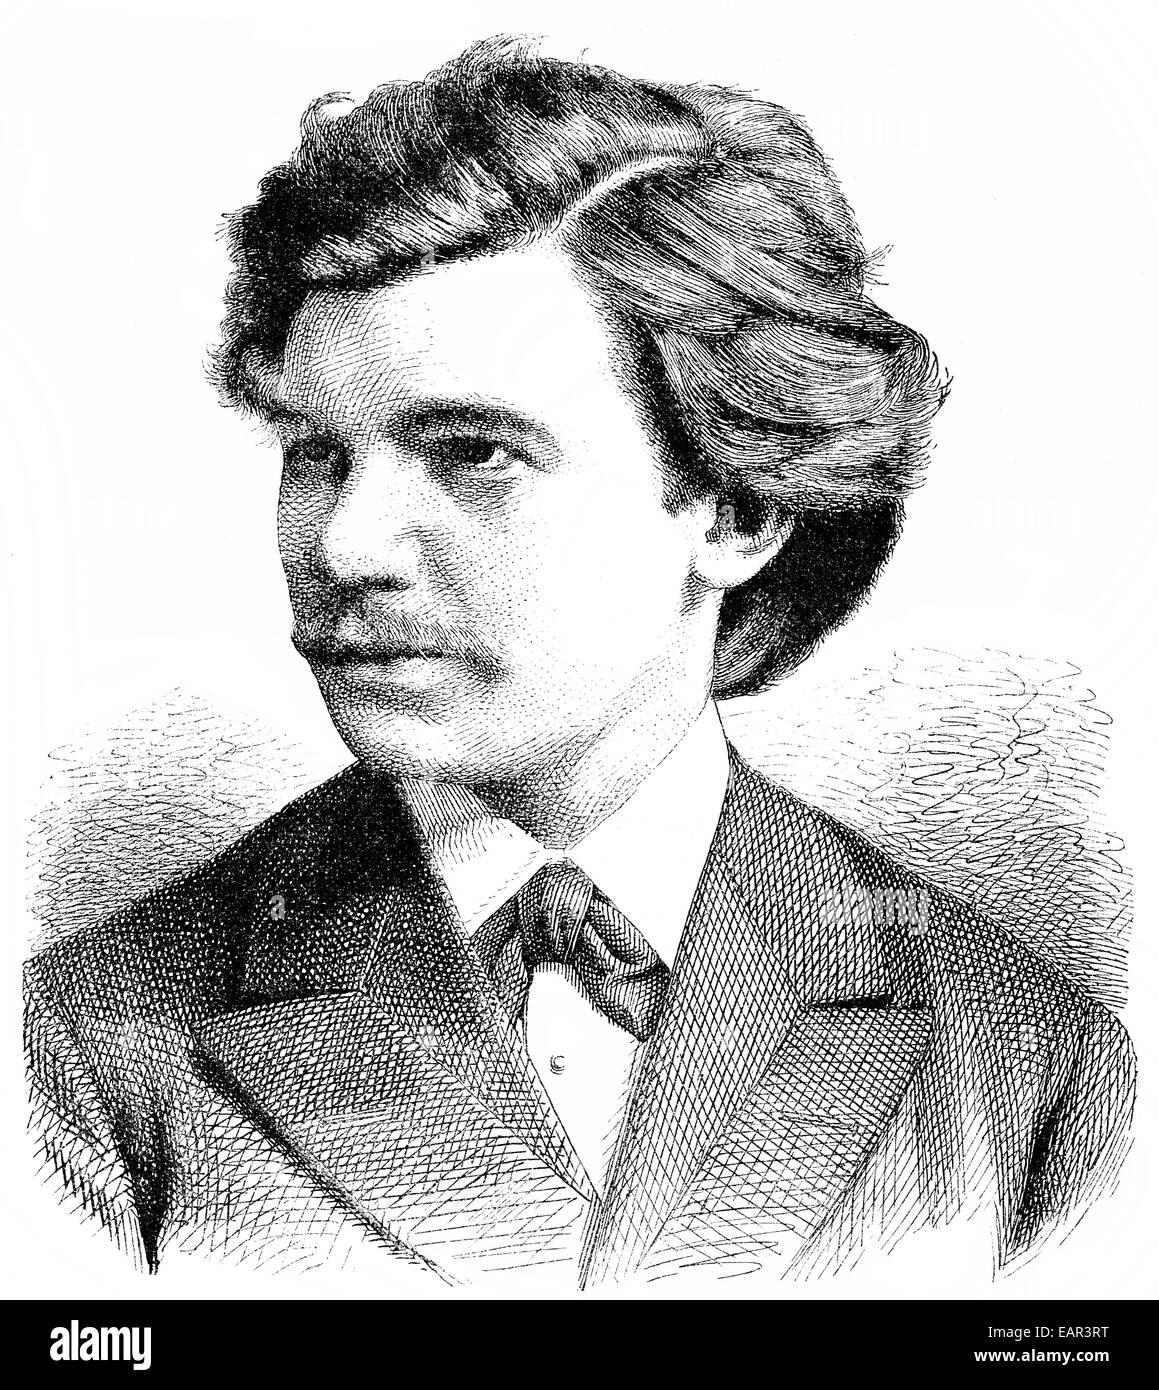 Historische Zeichnung, Portrait von Eugène Francis Charles d'Albert oder Eugen d'Albert, 1864 - 1932, ein deutscher - Stock Image